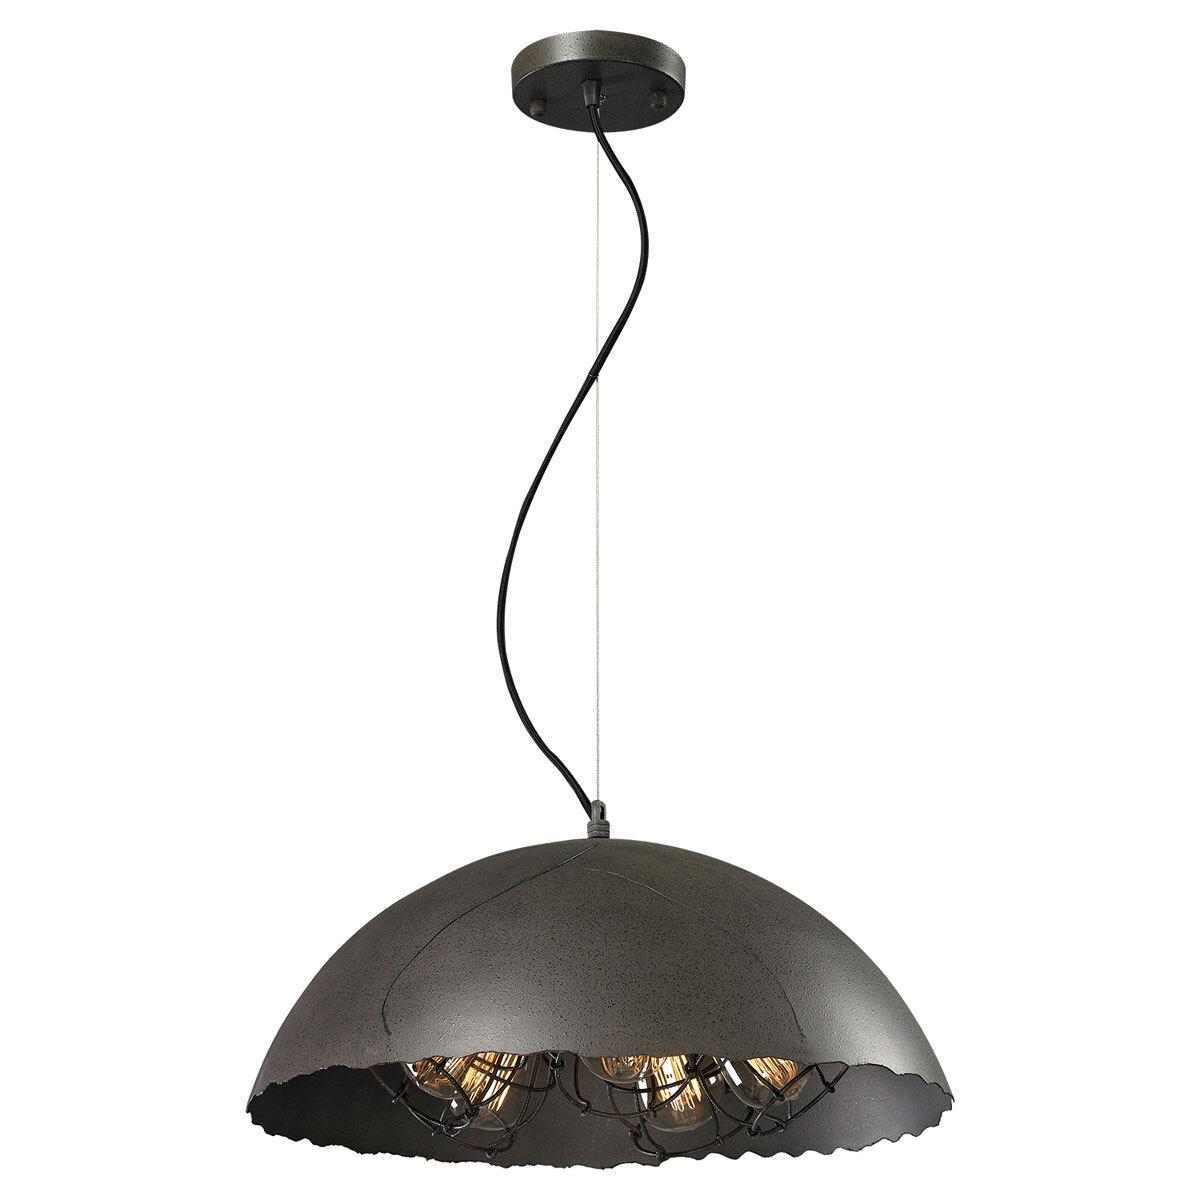 Потолочный светильник Lussole LSP-9625-Lussole, E27, 300 Вт